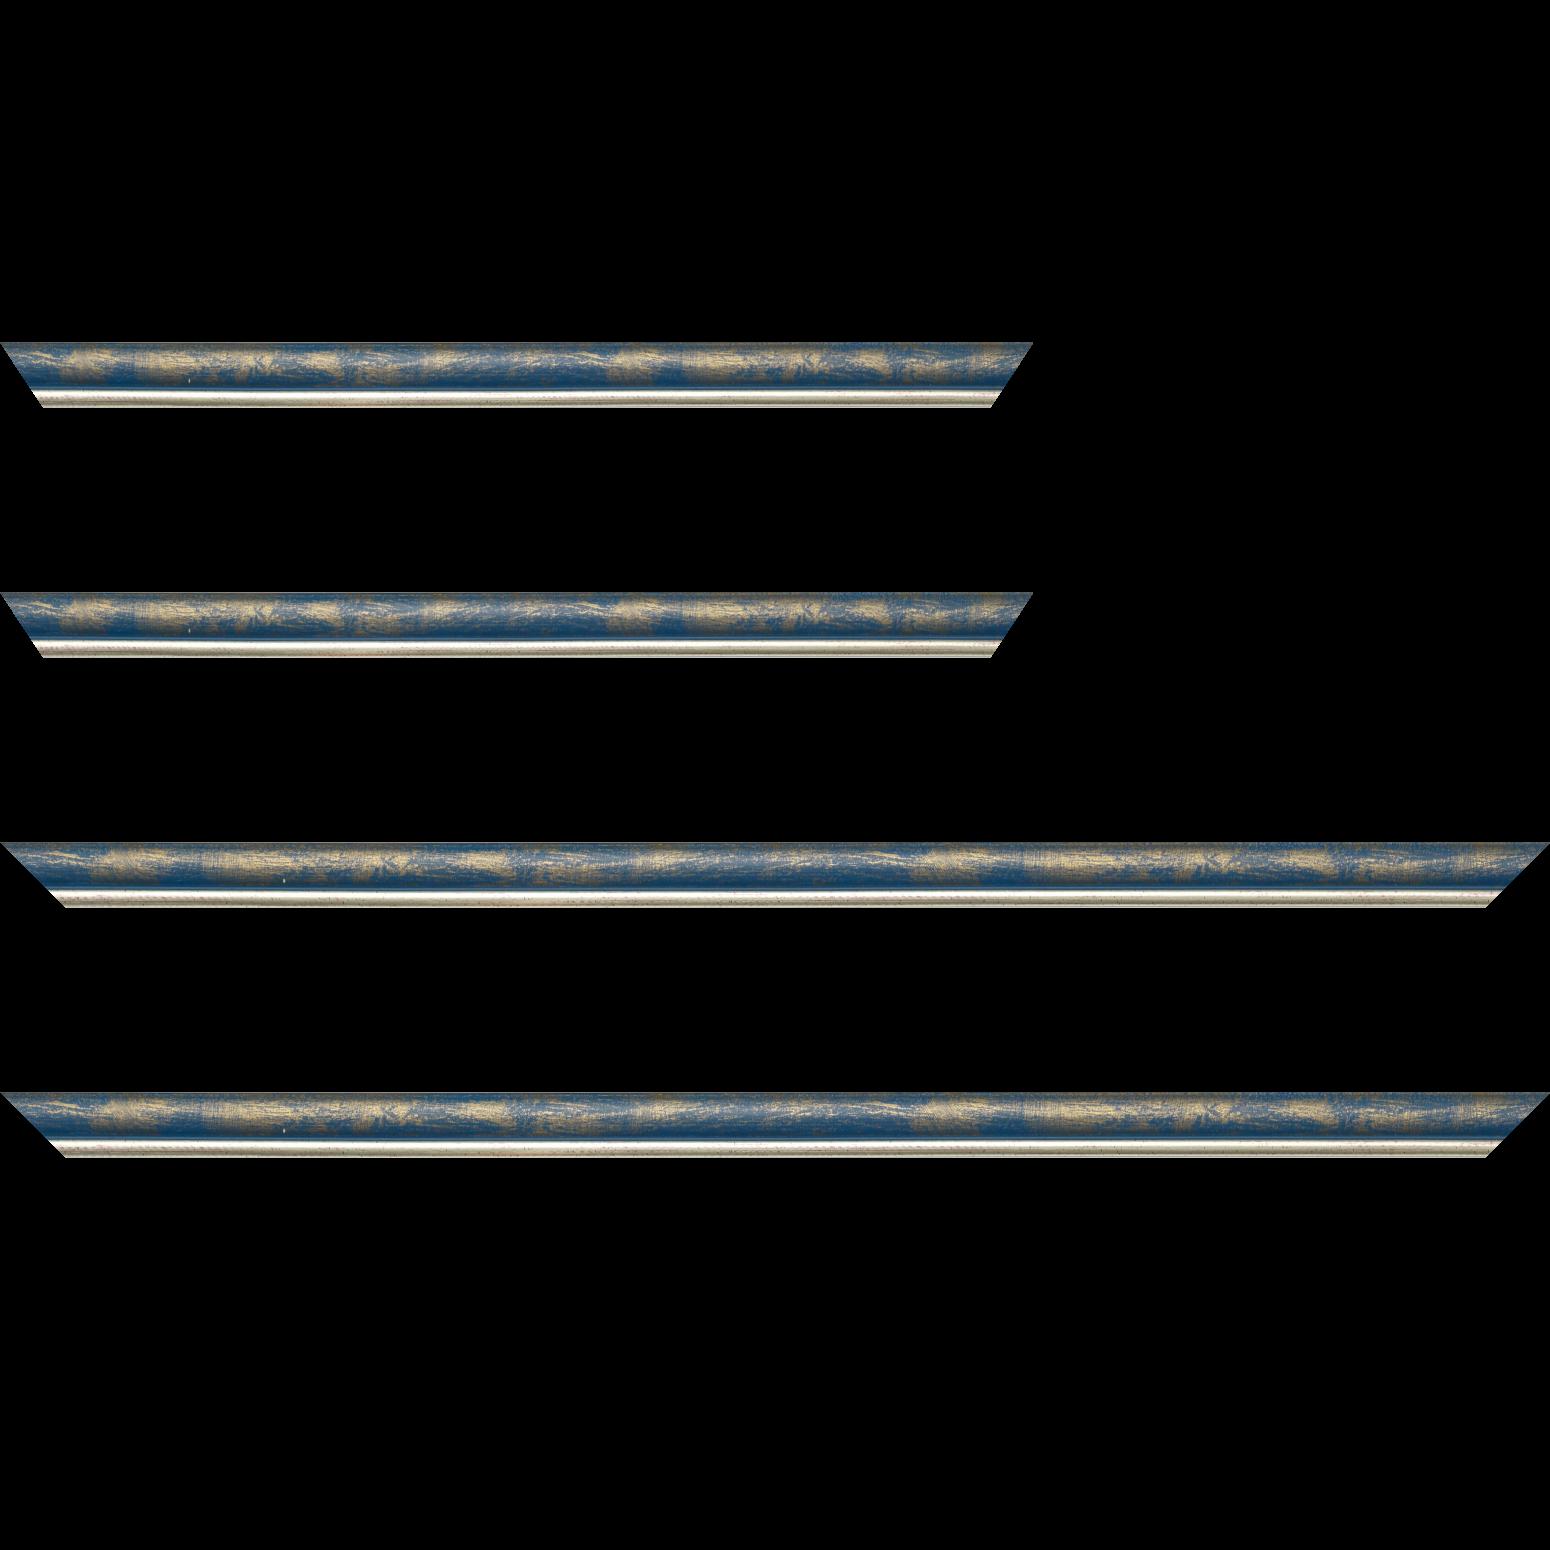 Baguette service précoupé Bois profil arrondi largeur 2.1cm  couleur bleu fond or filet argent chaud